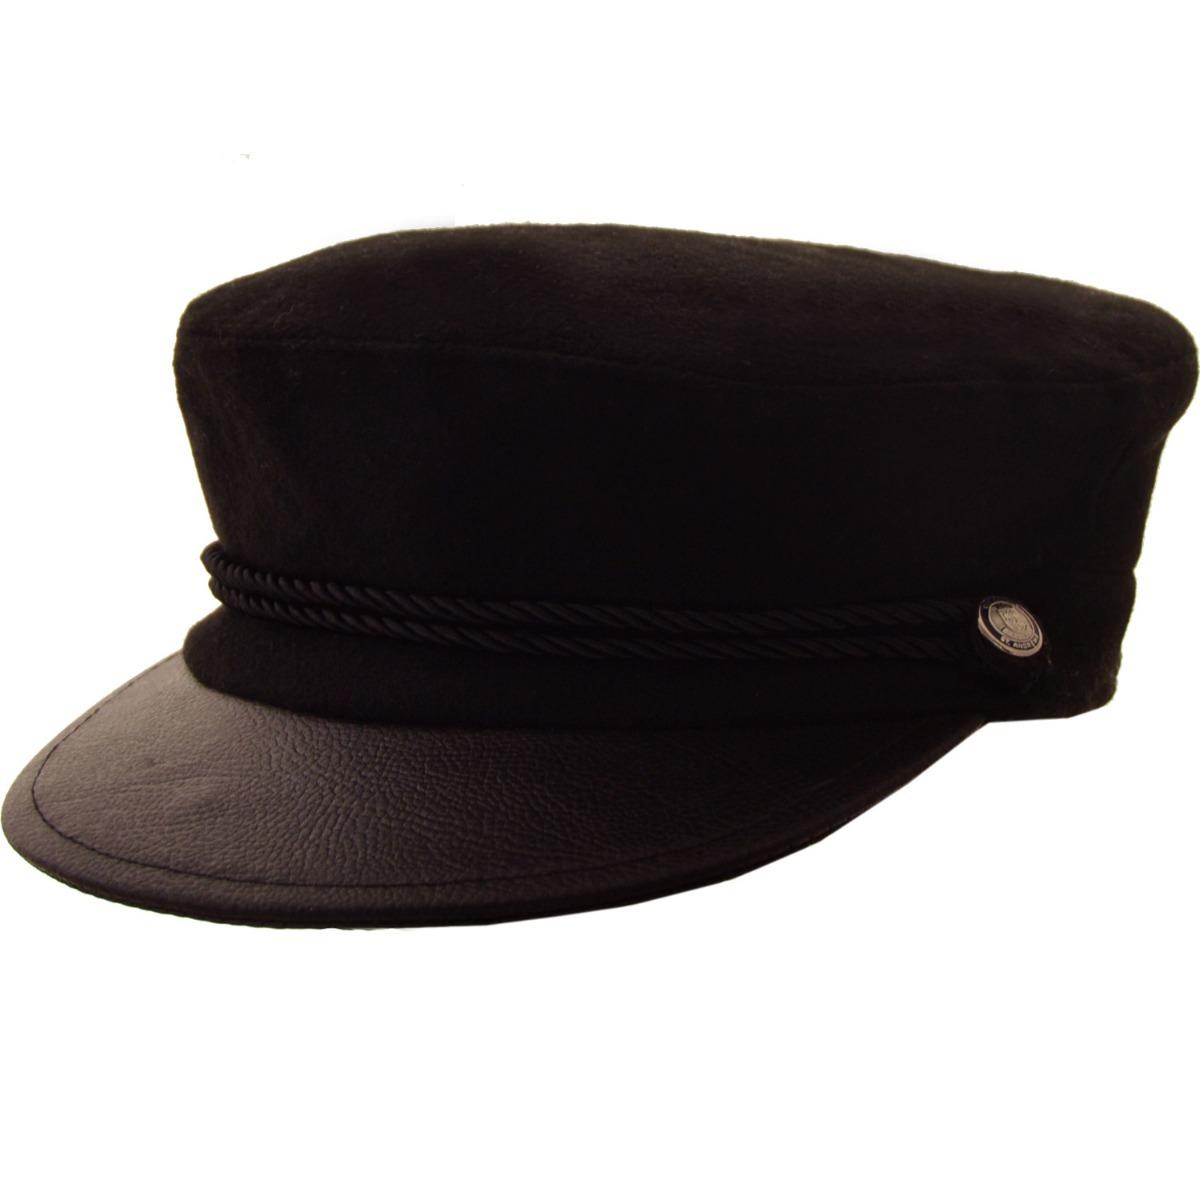 370b54a3aceb9 gorra capitan paño clasica compañia de sombrero pm711521. Cargando zoom.